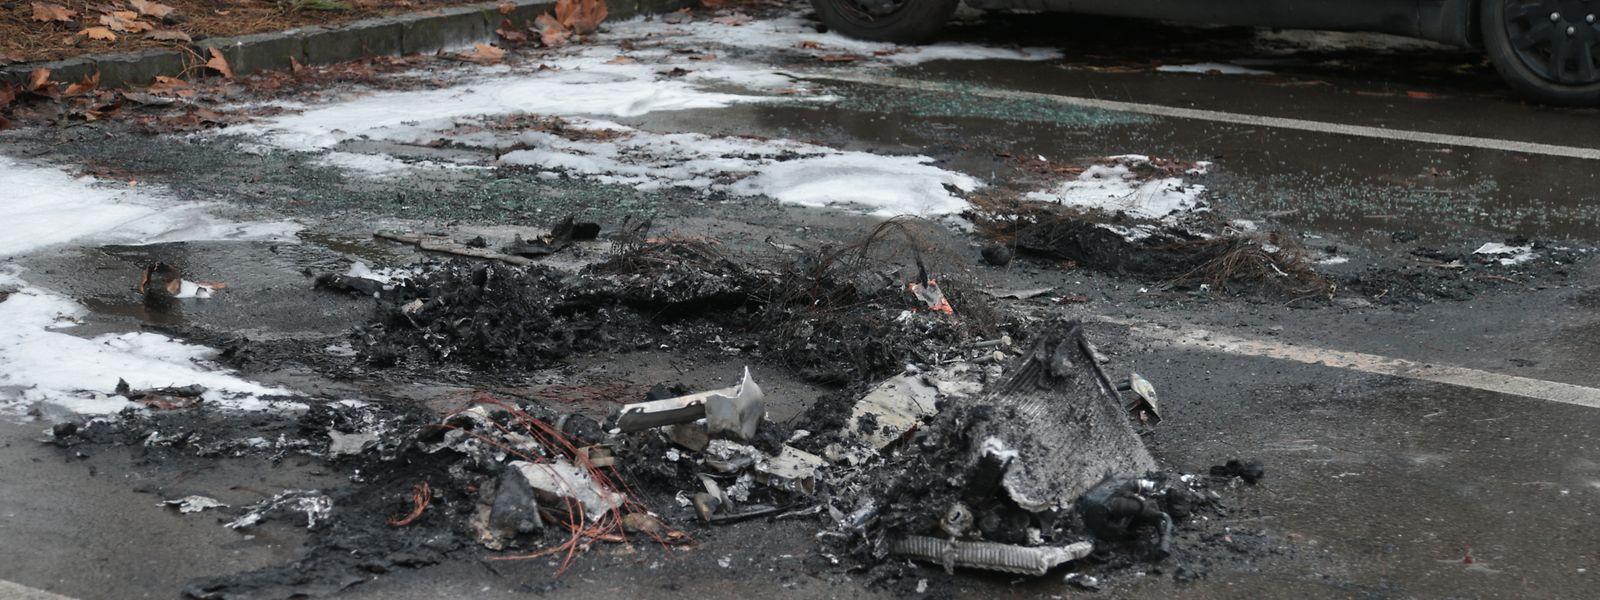 Am Samstagmorgen waren die Spuren des Brandes noch deutlich zu erkennen.